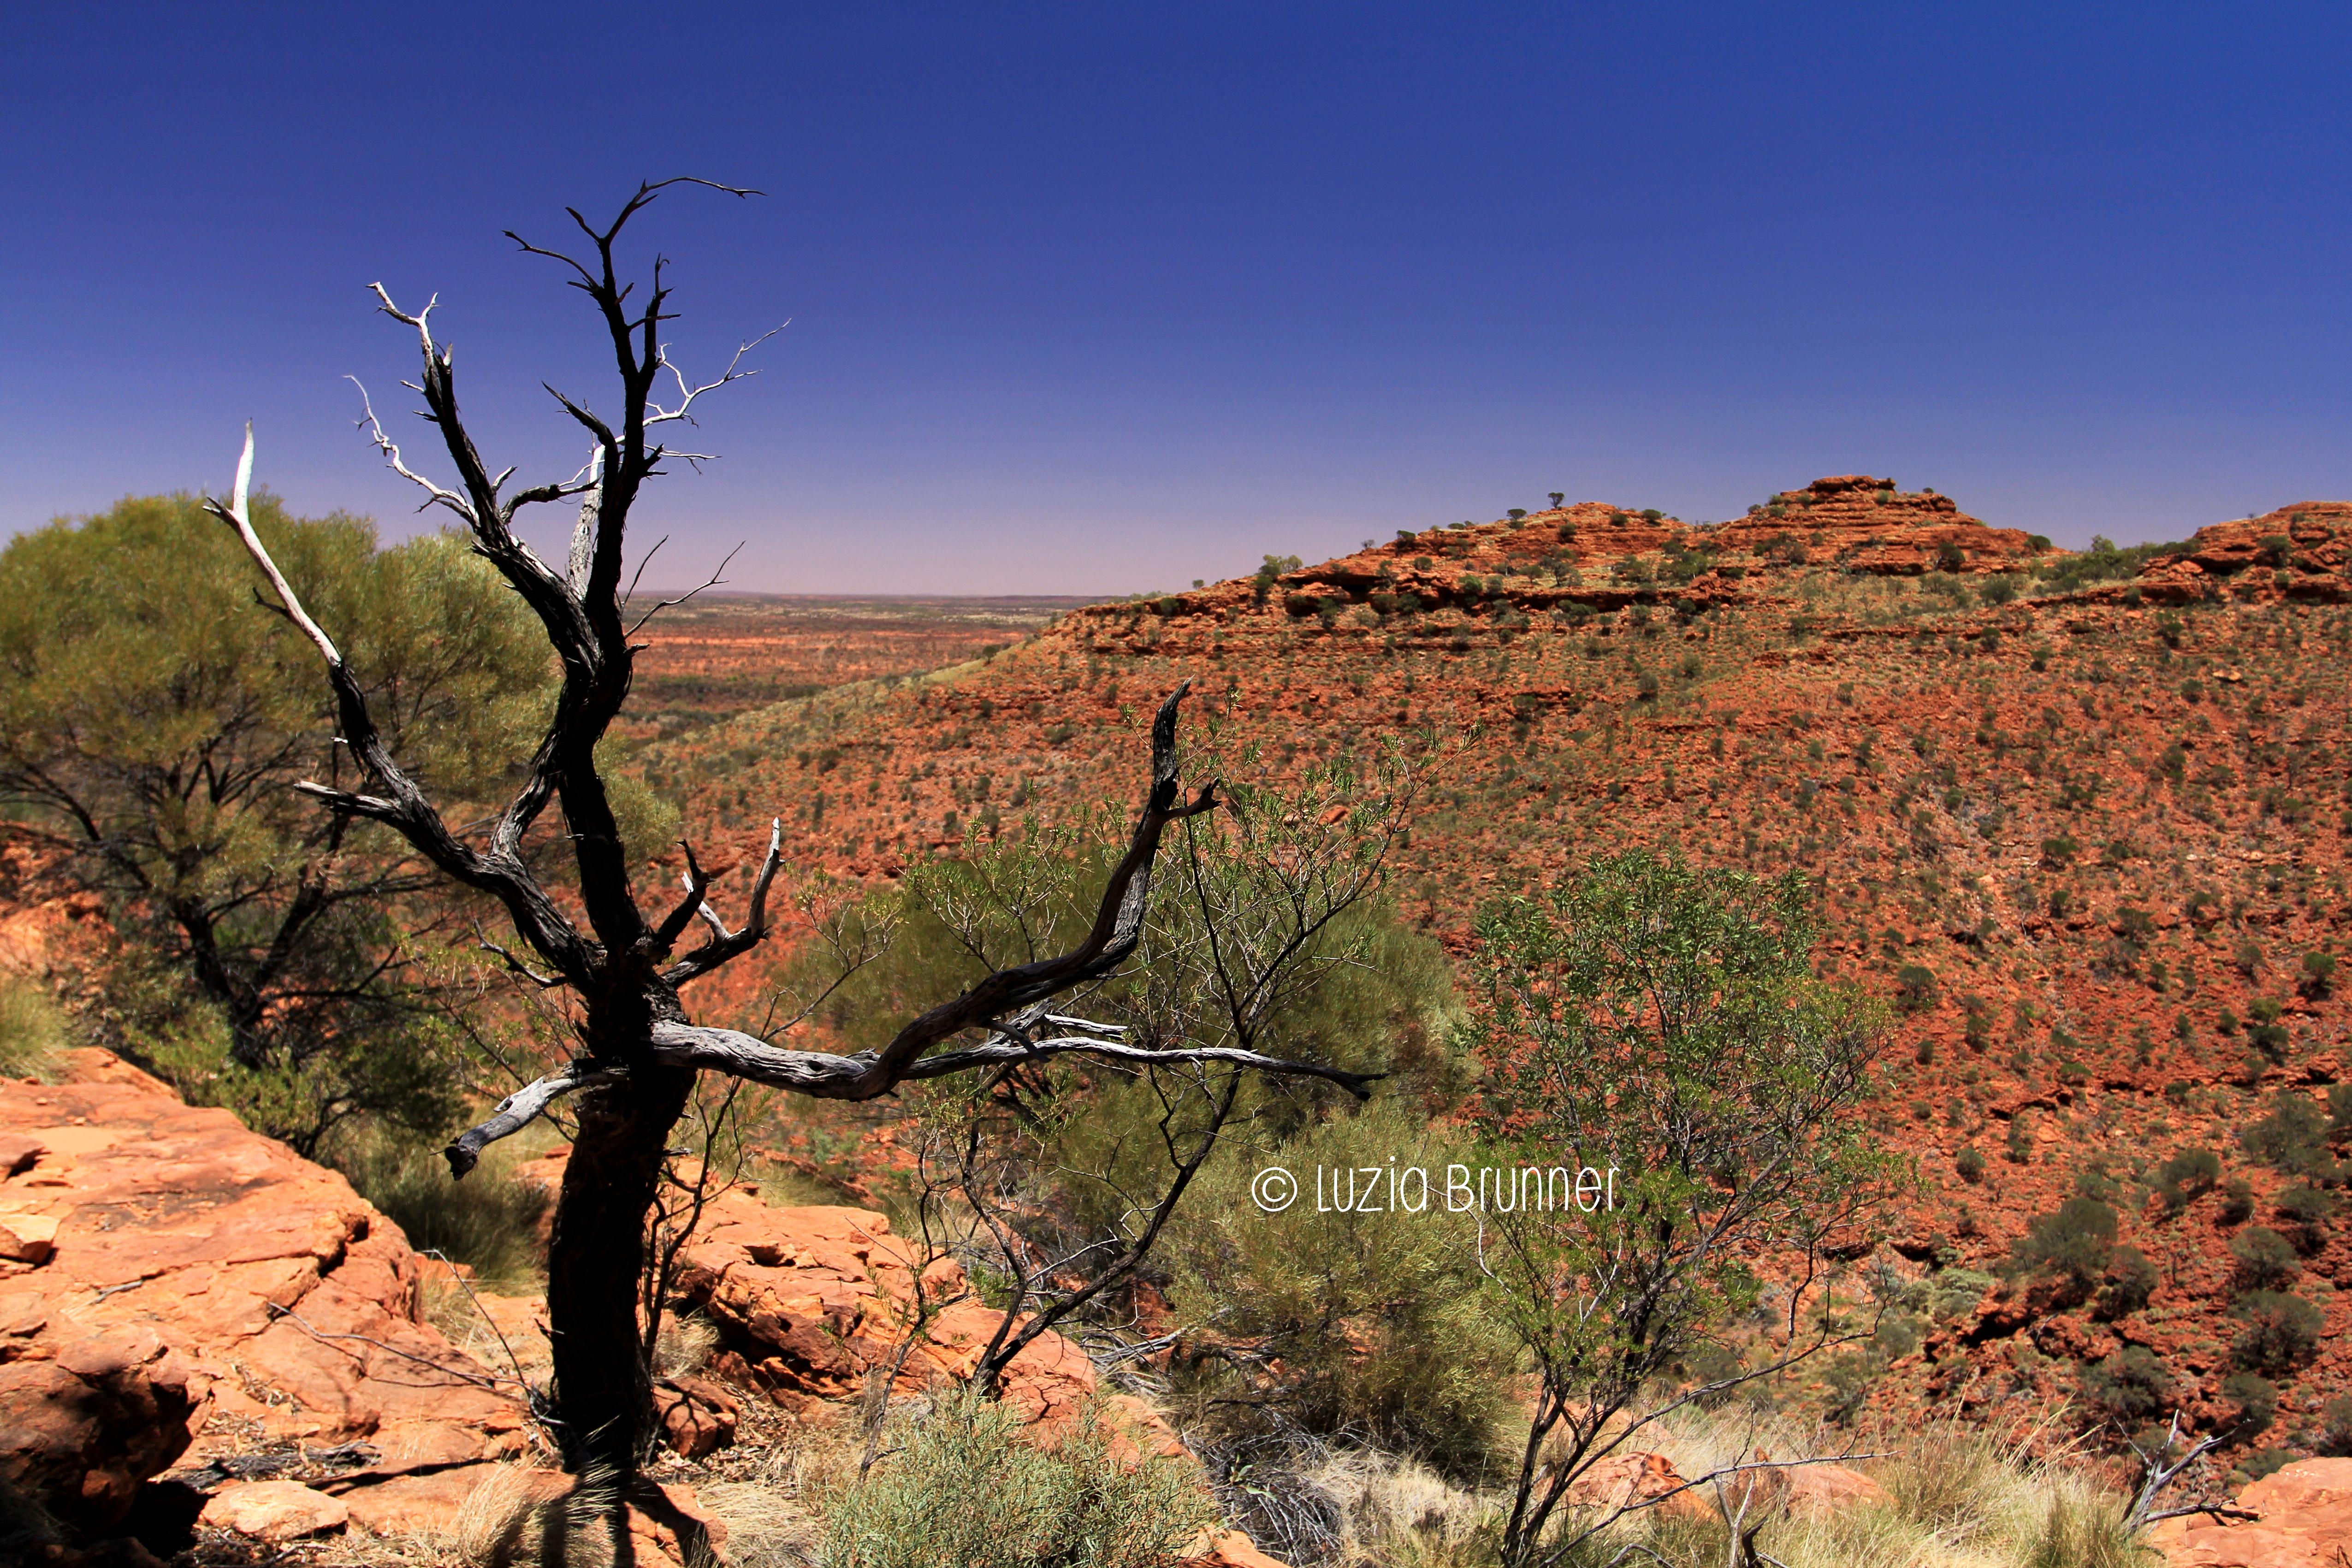 Outback - Australia